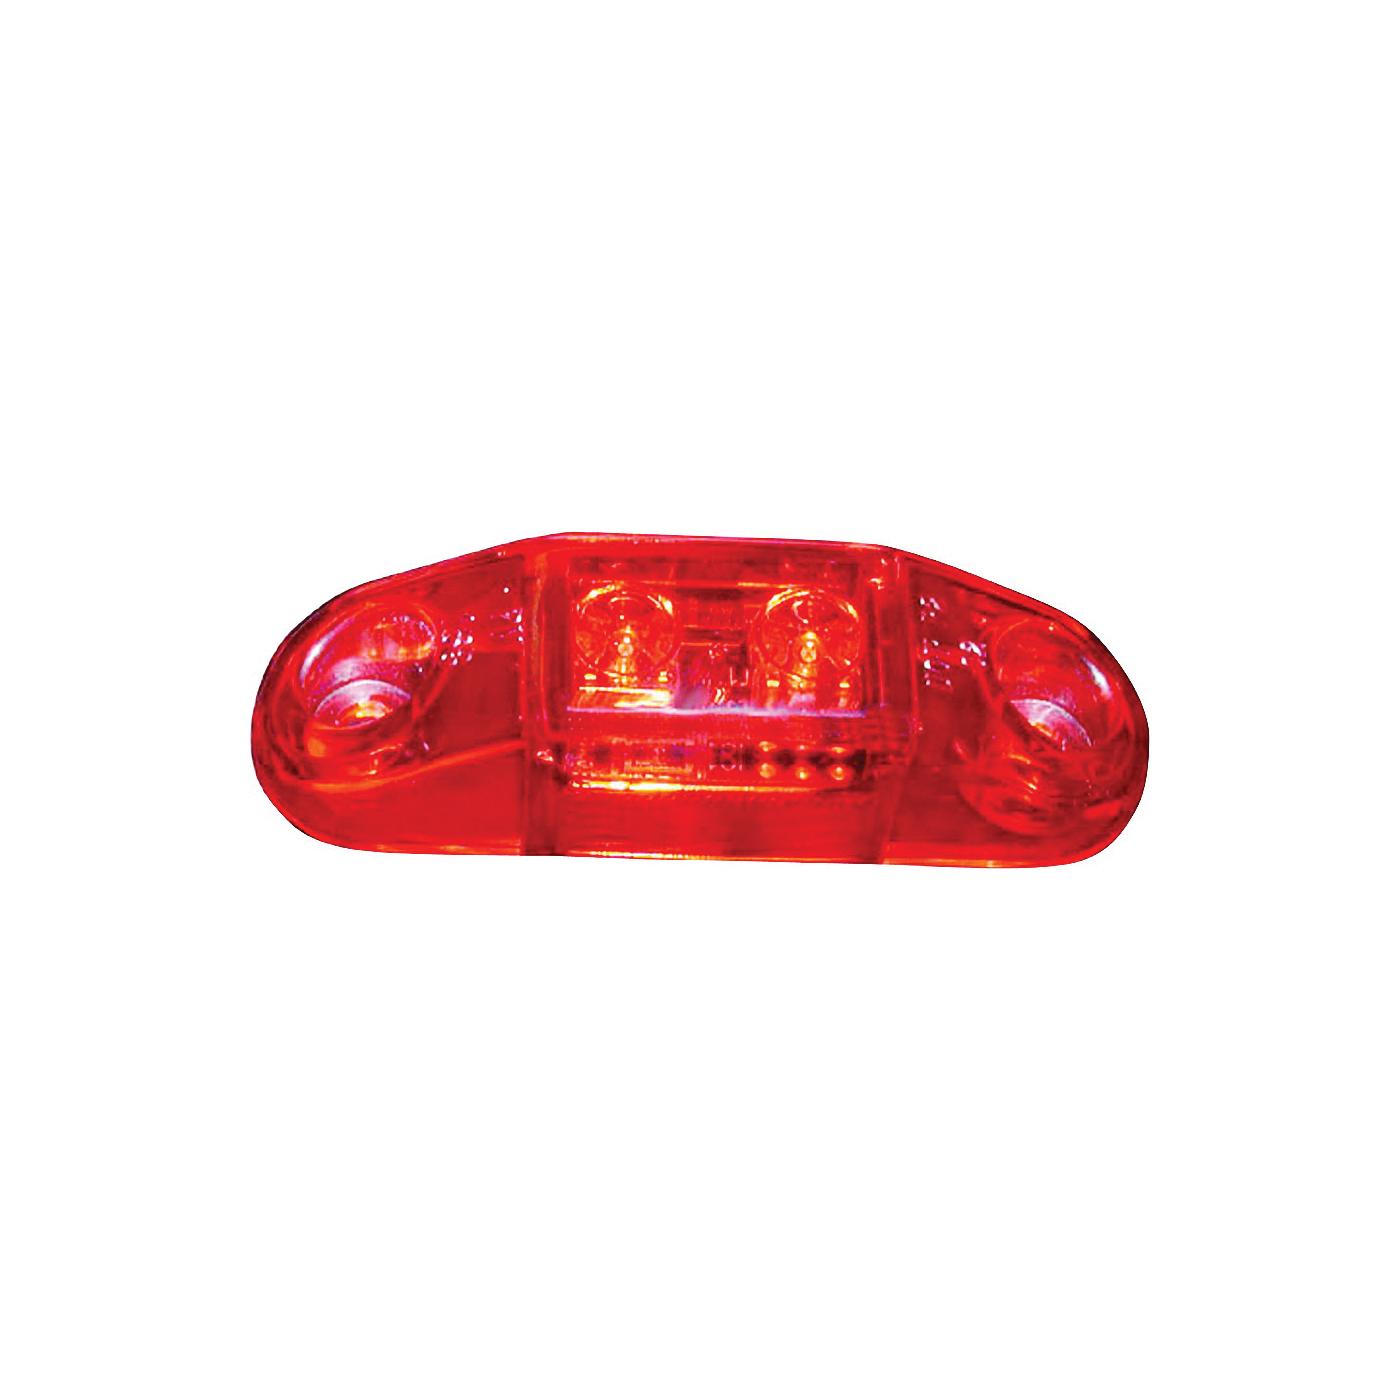 Picture of PM V168R LED Light, 9/16 V, 2 -Lamp, LED Lamp, Red Lamp